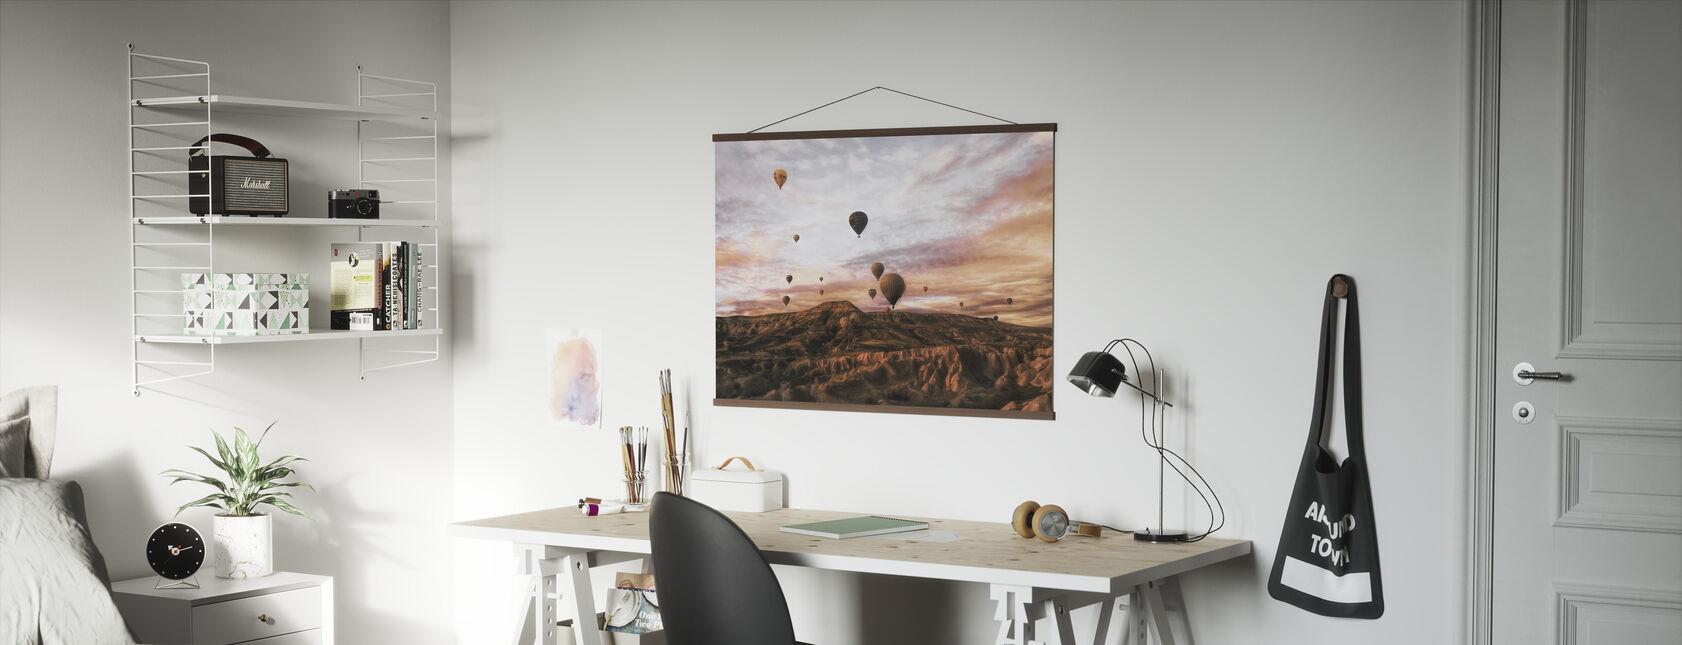 Cappodocia Heißluftballon - Poster - Büro